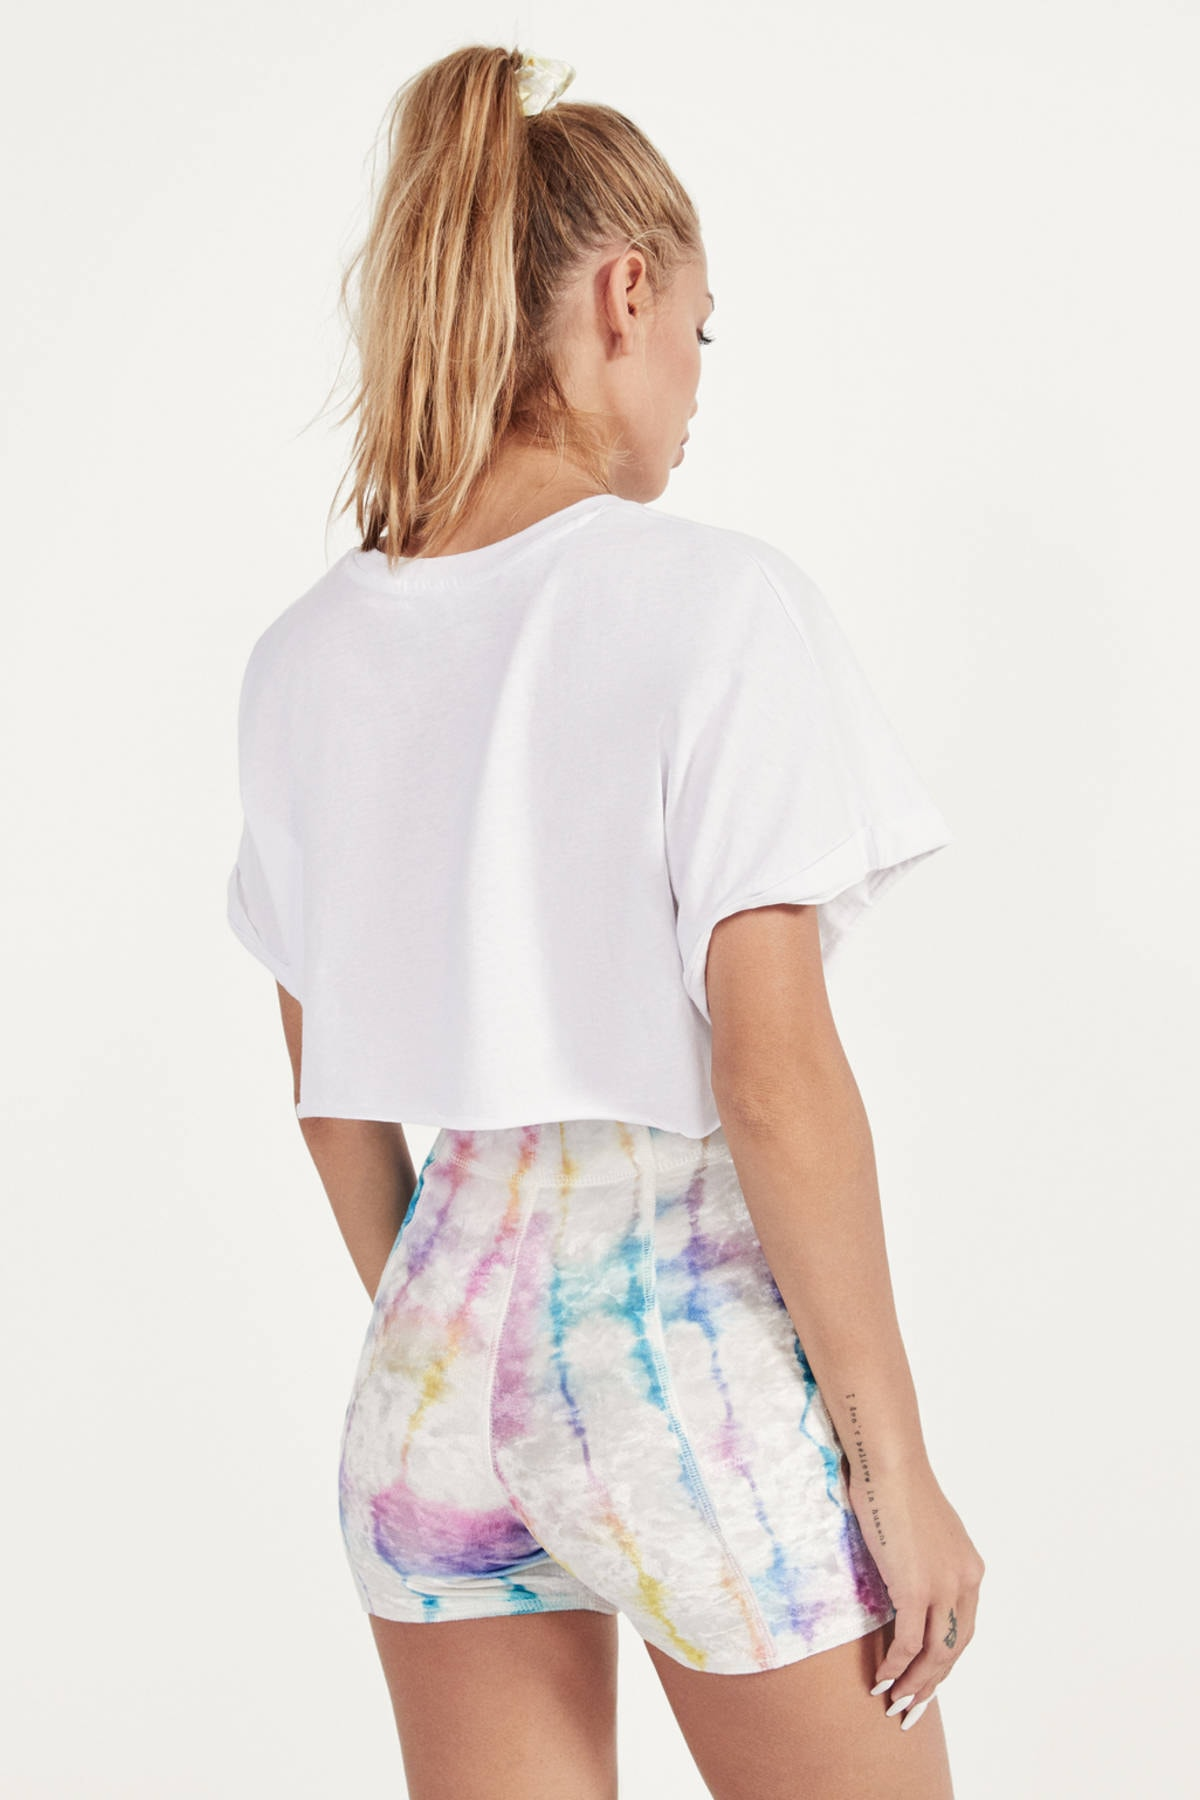 Bershka Kadın Kirli Beyaz Super Crop Fit T-Shirt 02259443 2